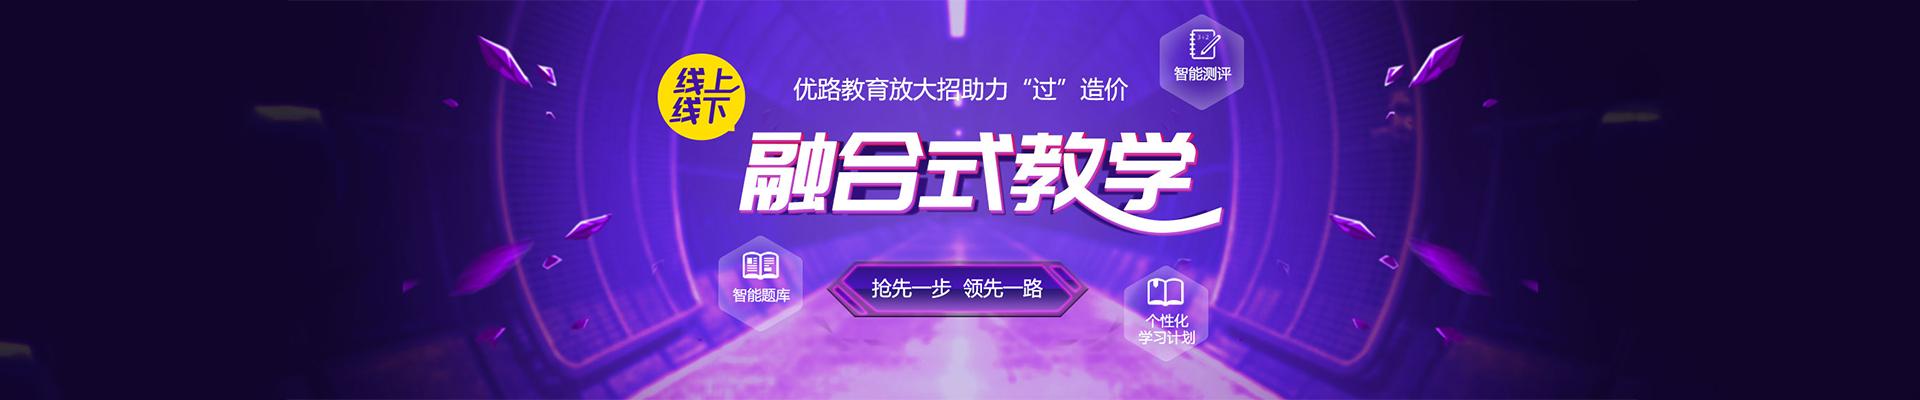 安徽芜湖优路教育培训学校